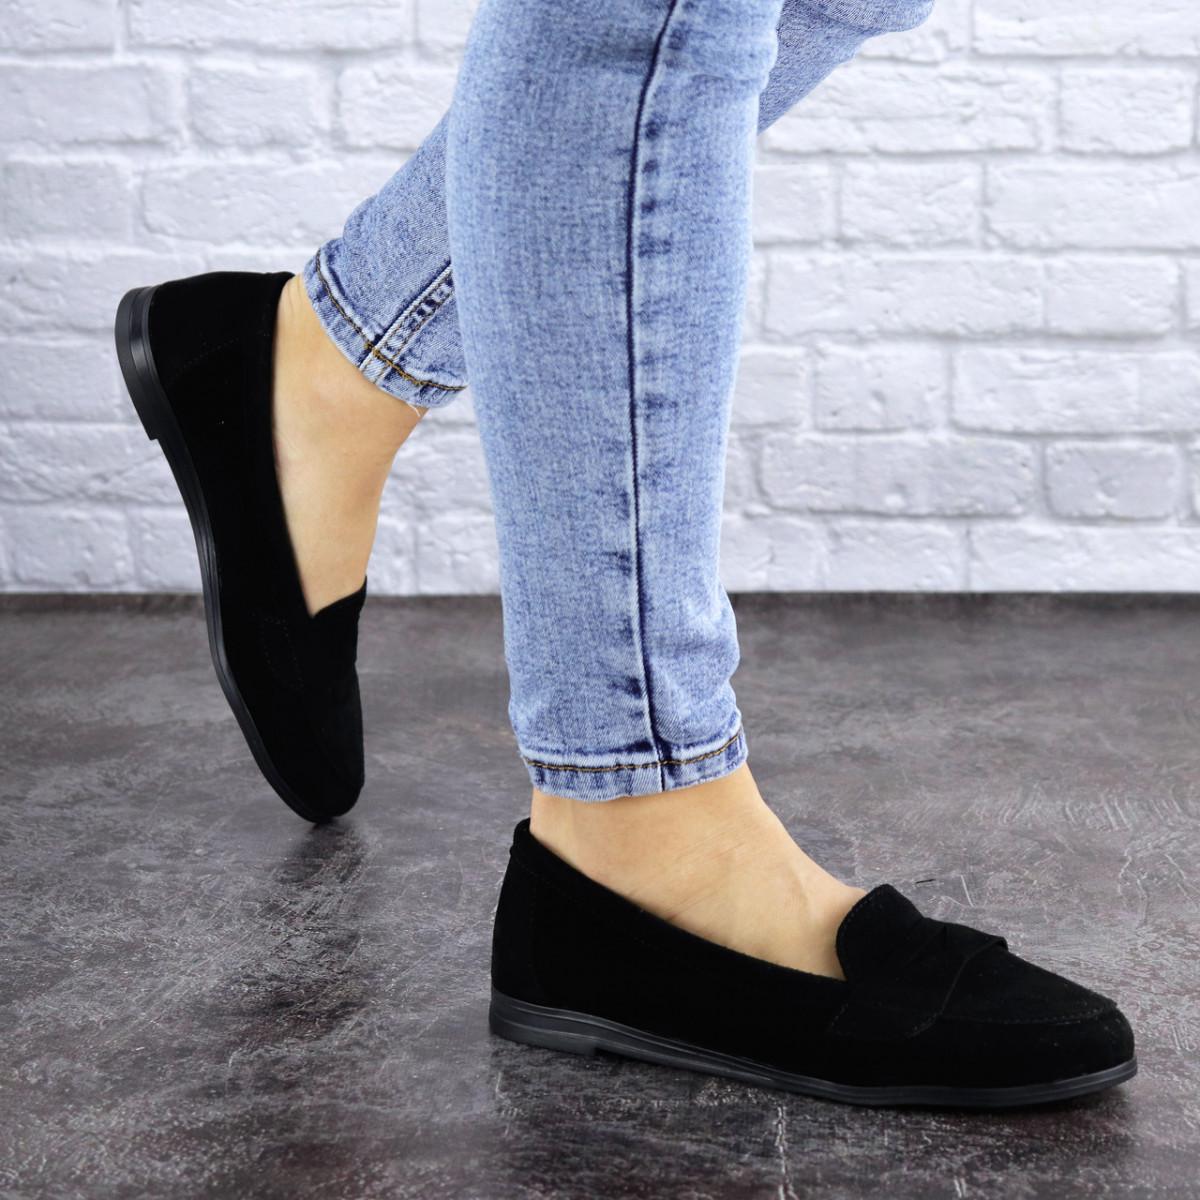 Туфли женские черные Ellsa 2125 (36 размер)